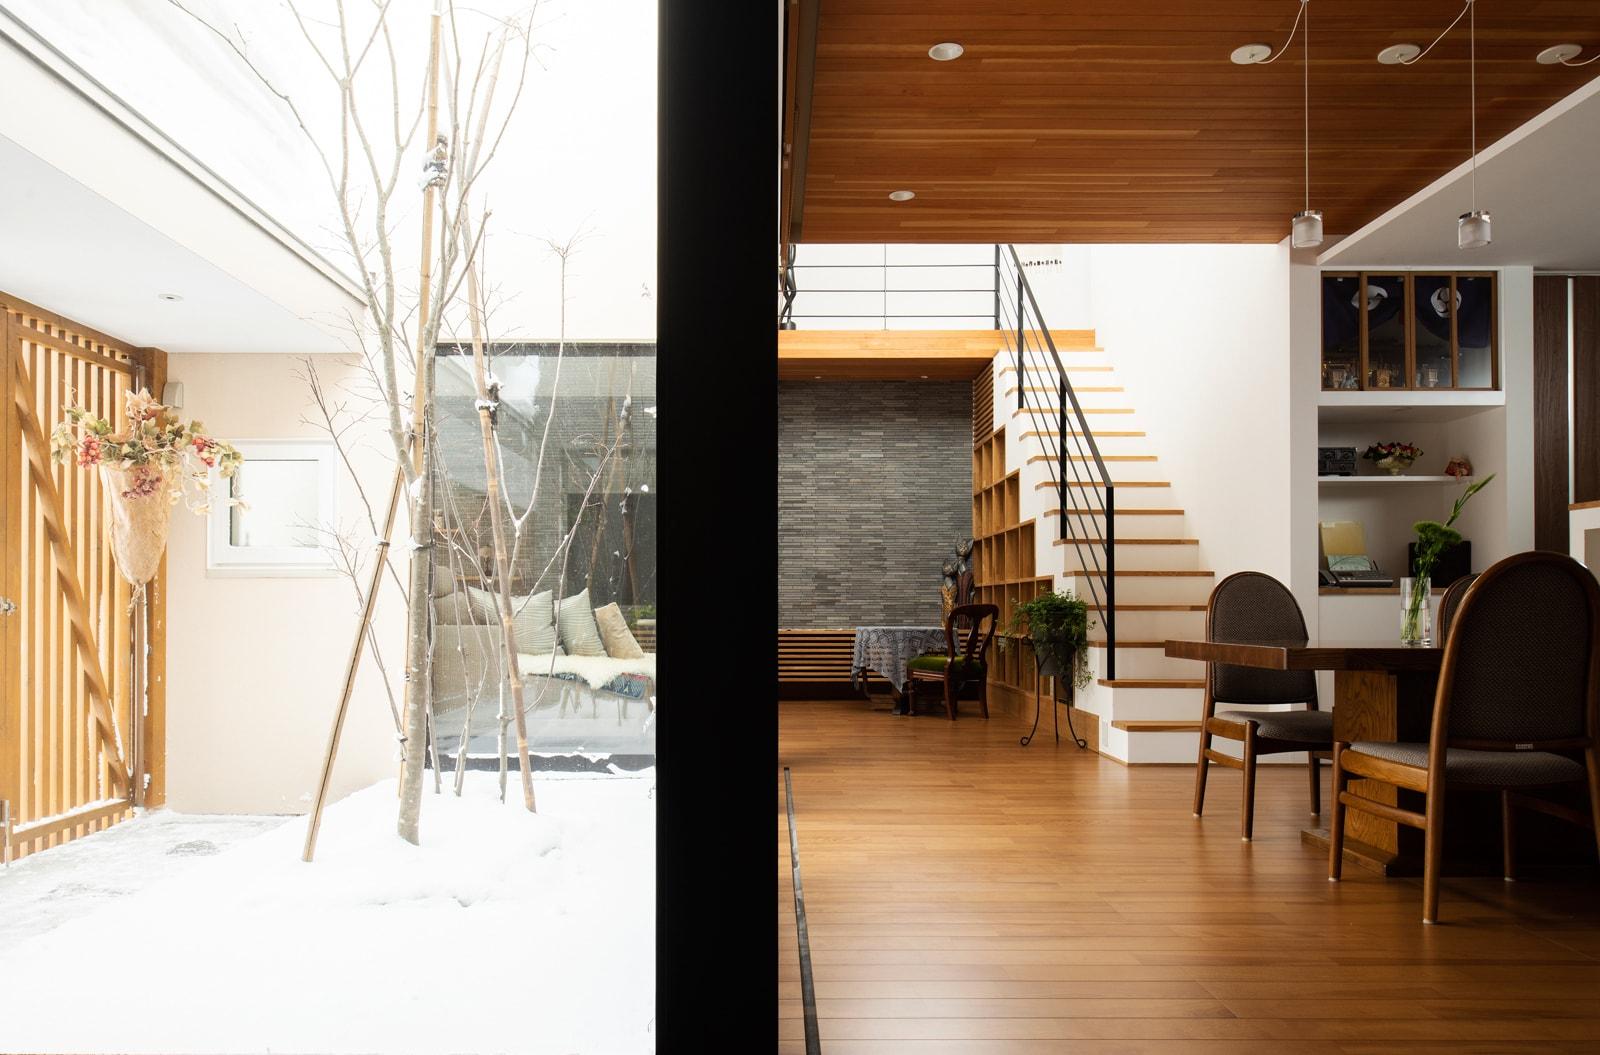 この家では開口部下に床下放熱器を設置して、窓からの冷気を防いでいる